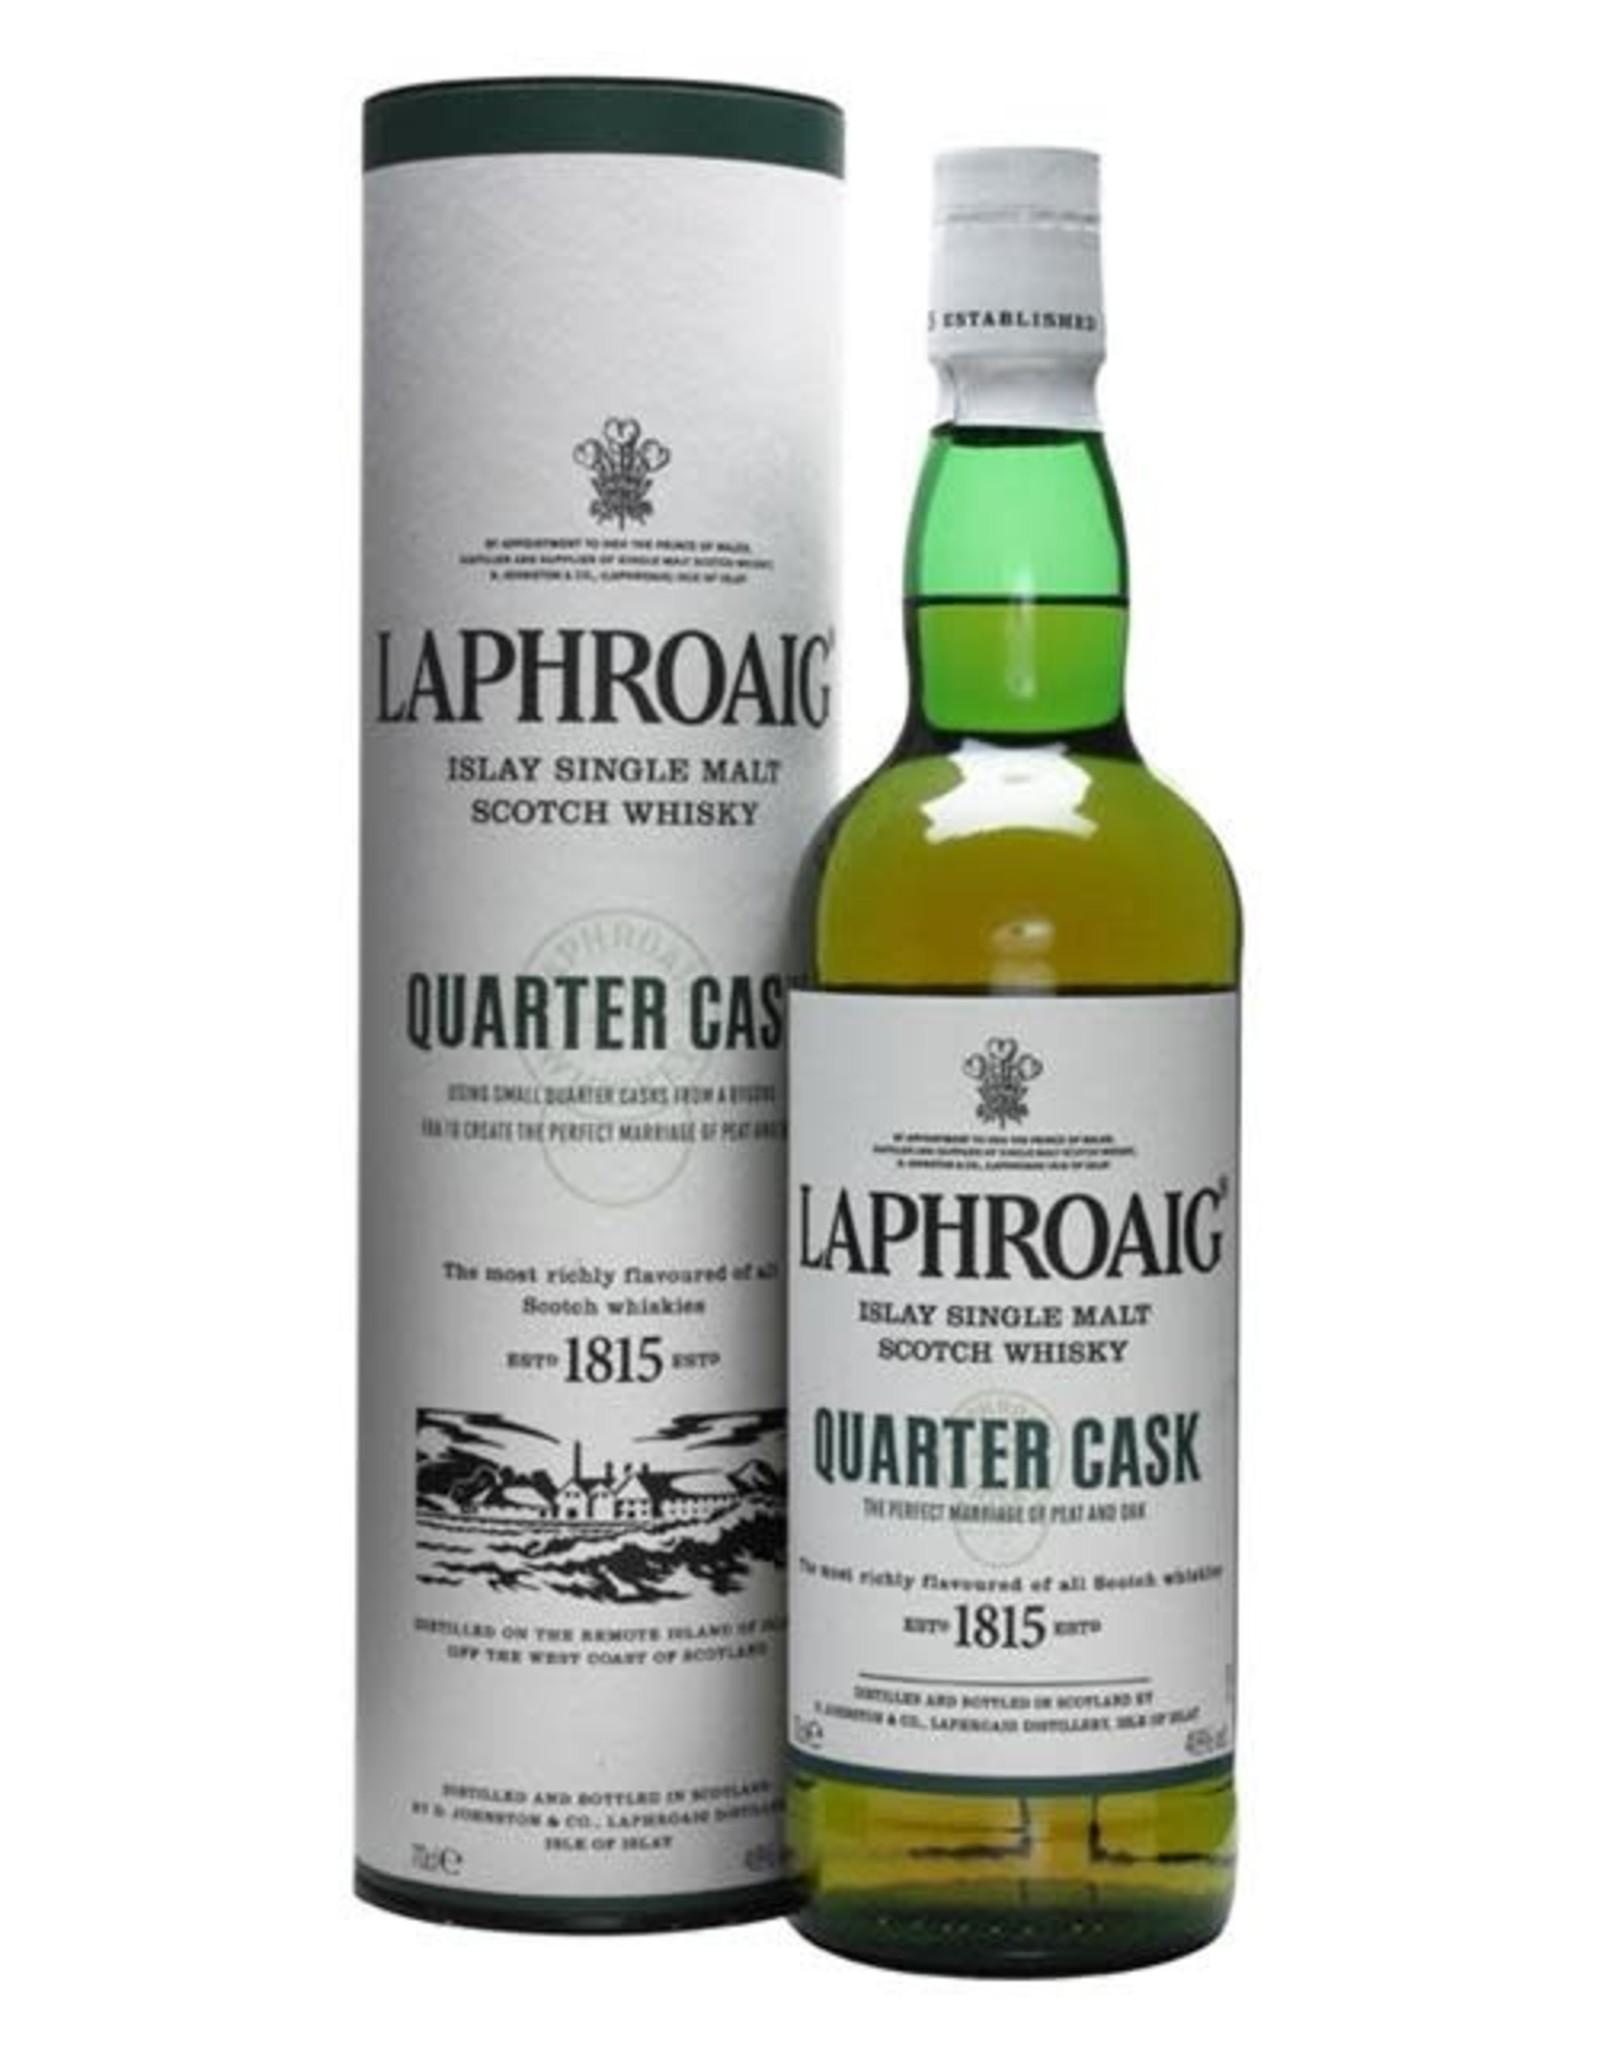 LAPHROAIG QUARTER CASK SCOTCH 750ml